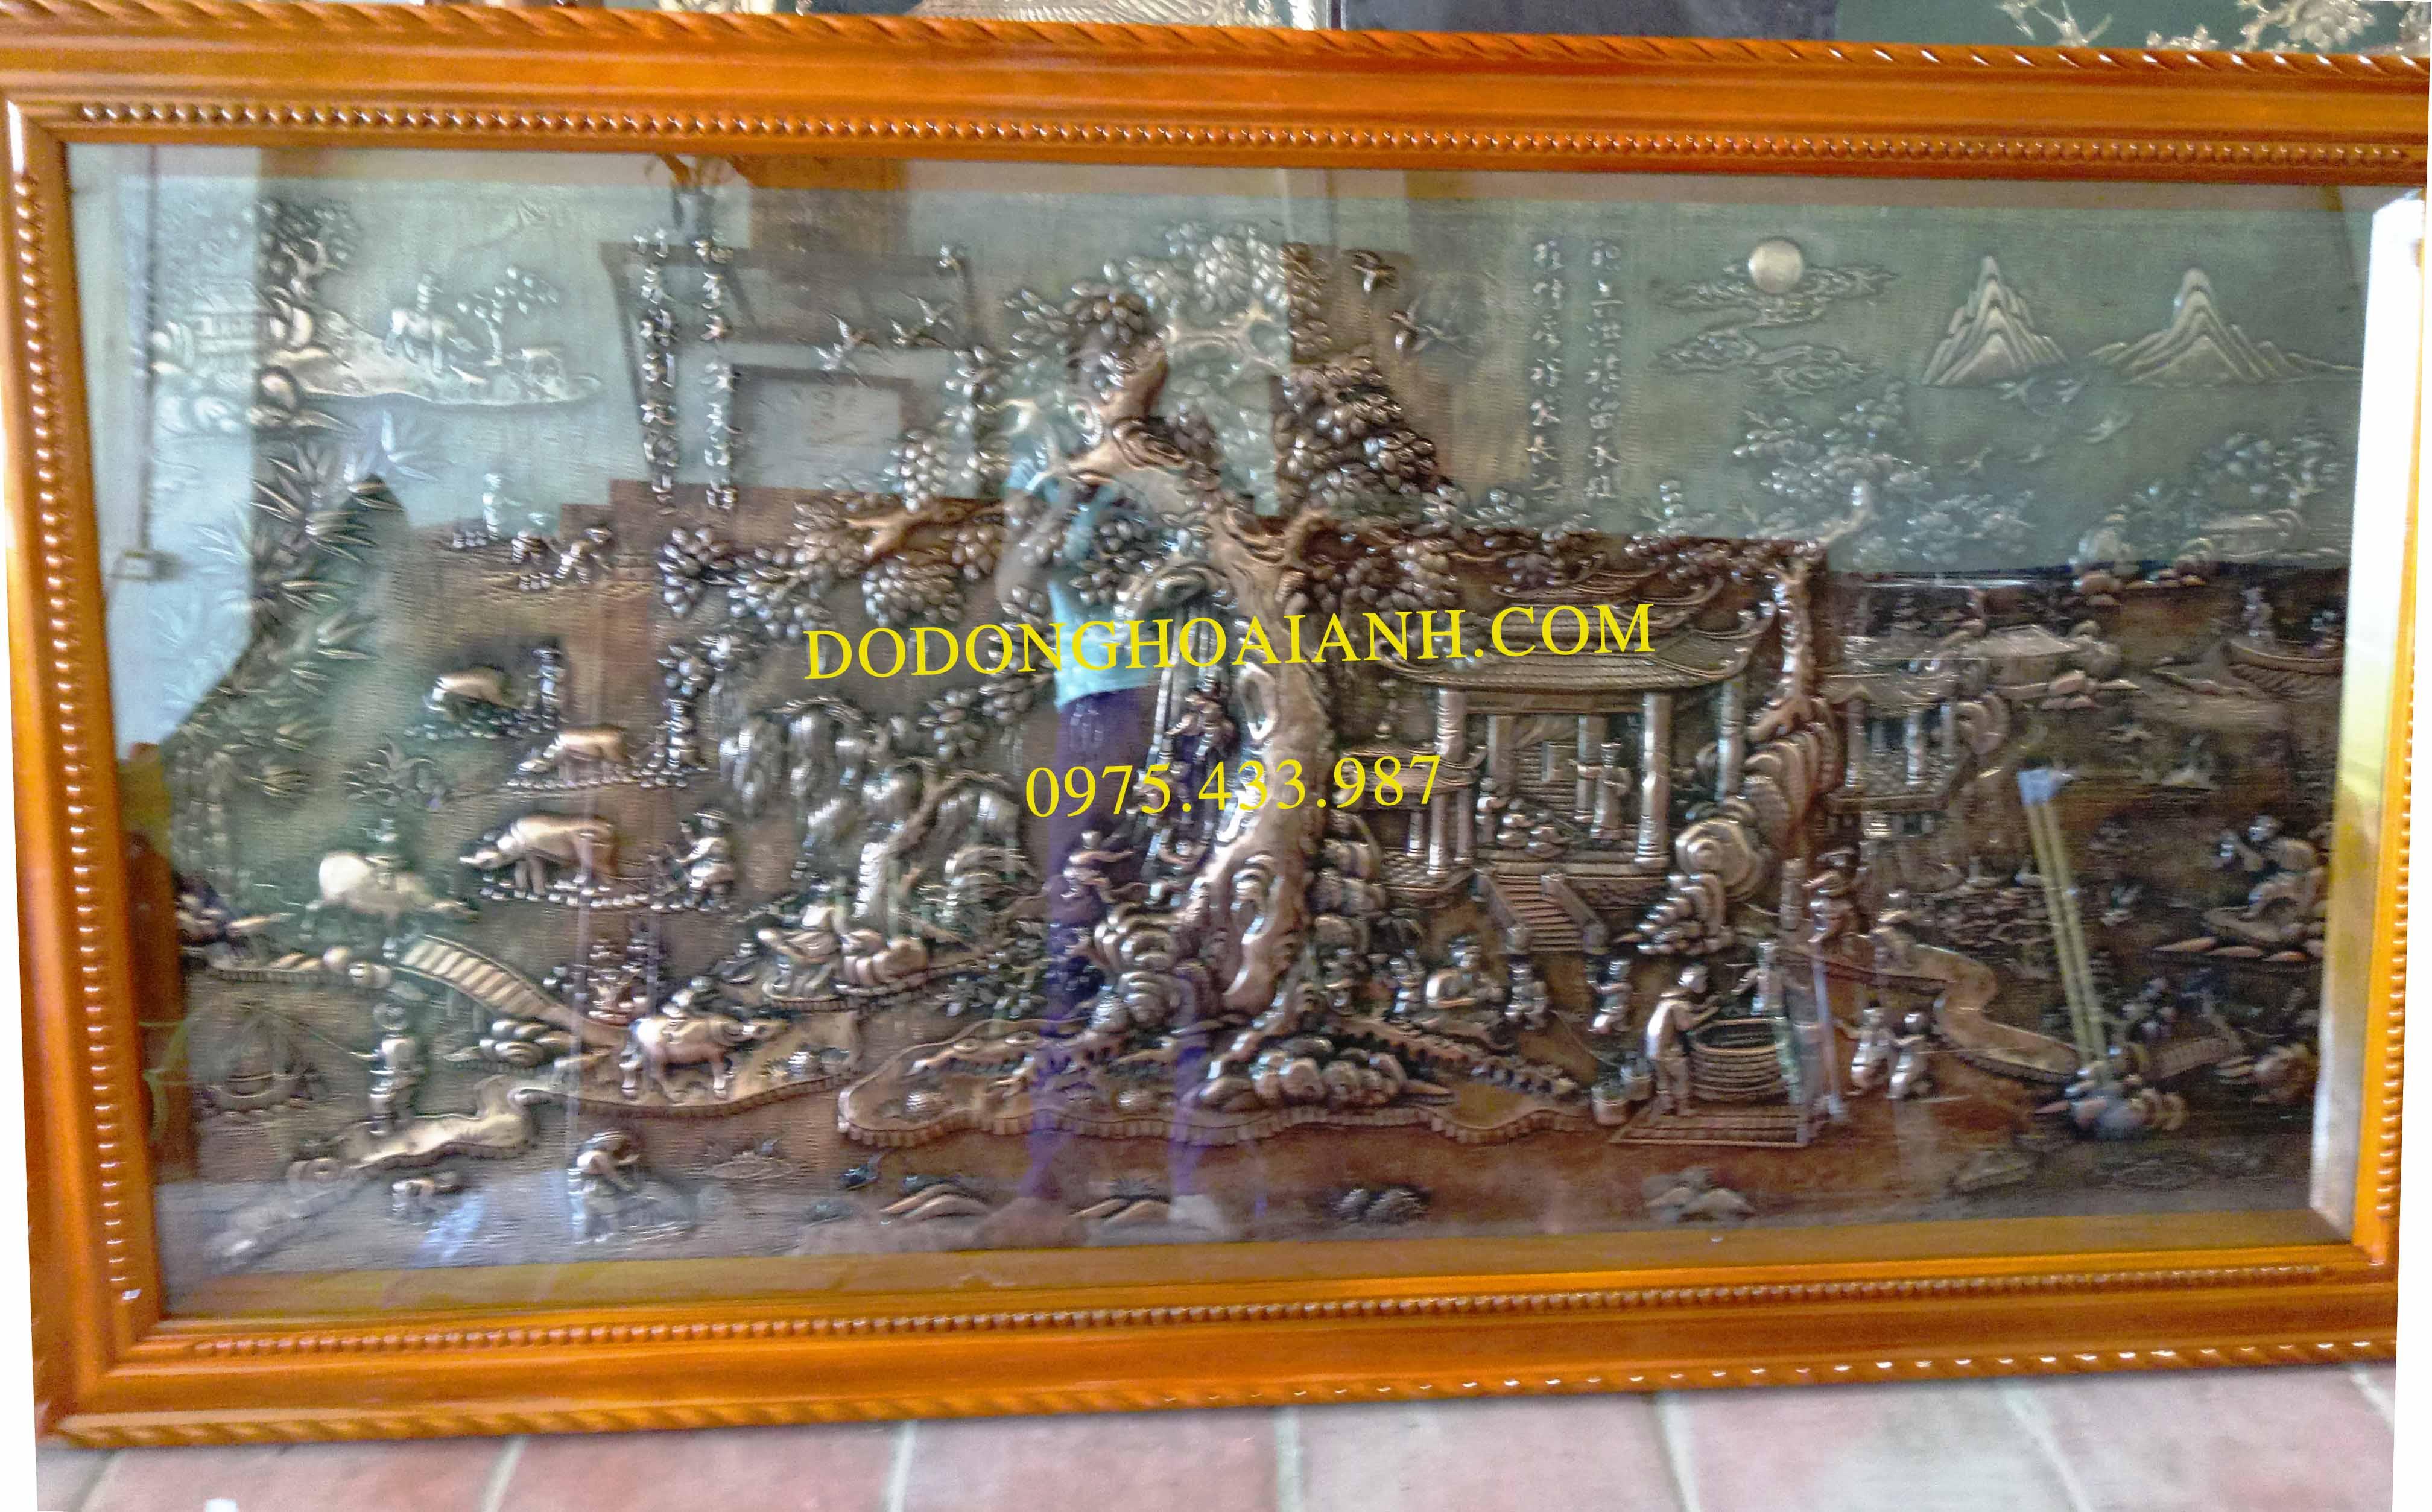 Bức tranh đồng đồng quê việt nam giả cổ được cơ sở Hoài Ánh chế tác